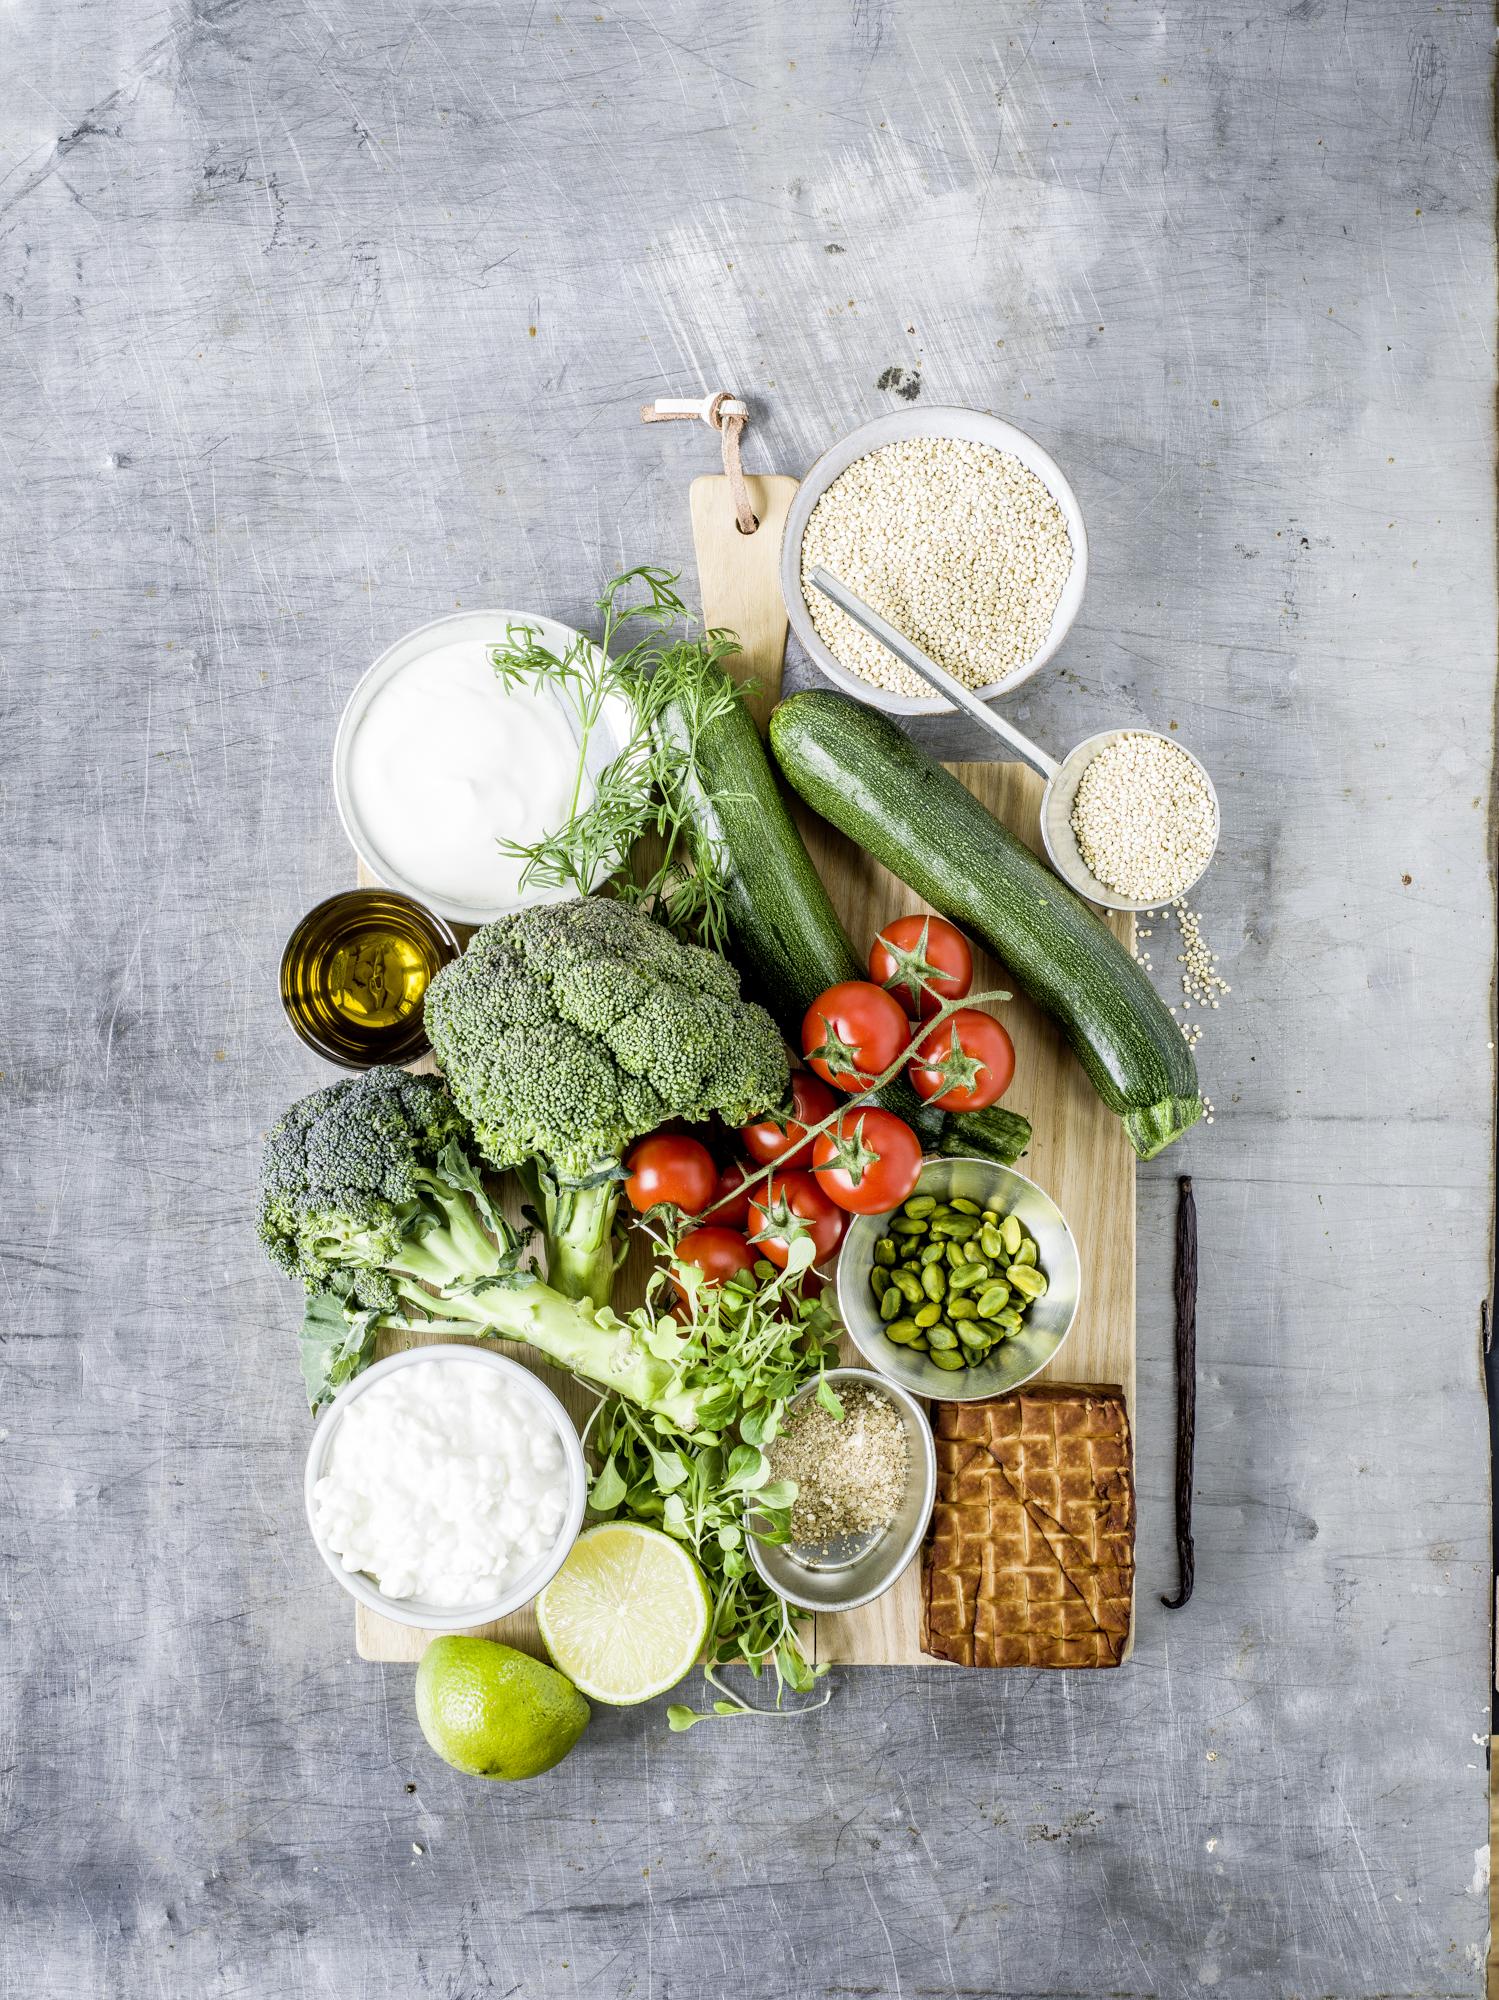 Food-Fotografie Bowls, Stefan Schmidlin Fotograf Basel; Bild 8.jpg